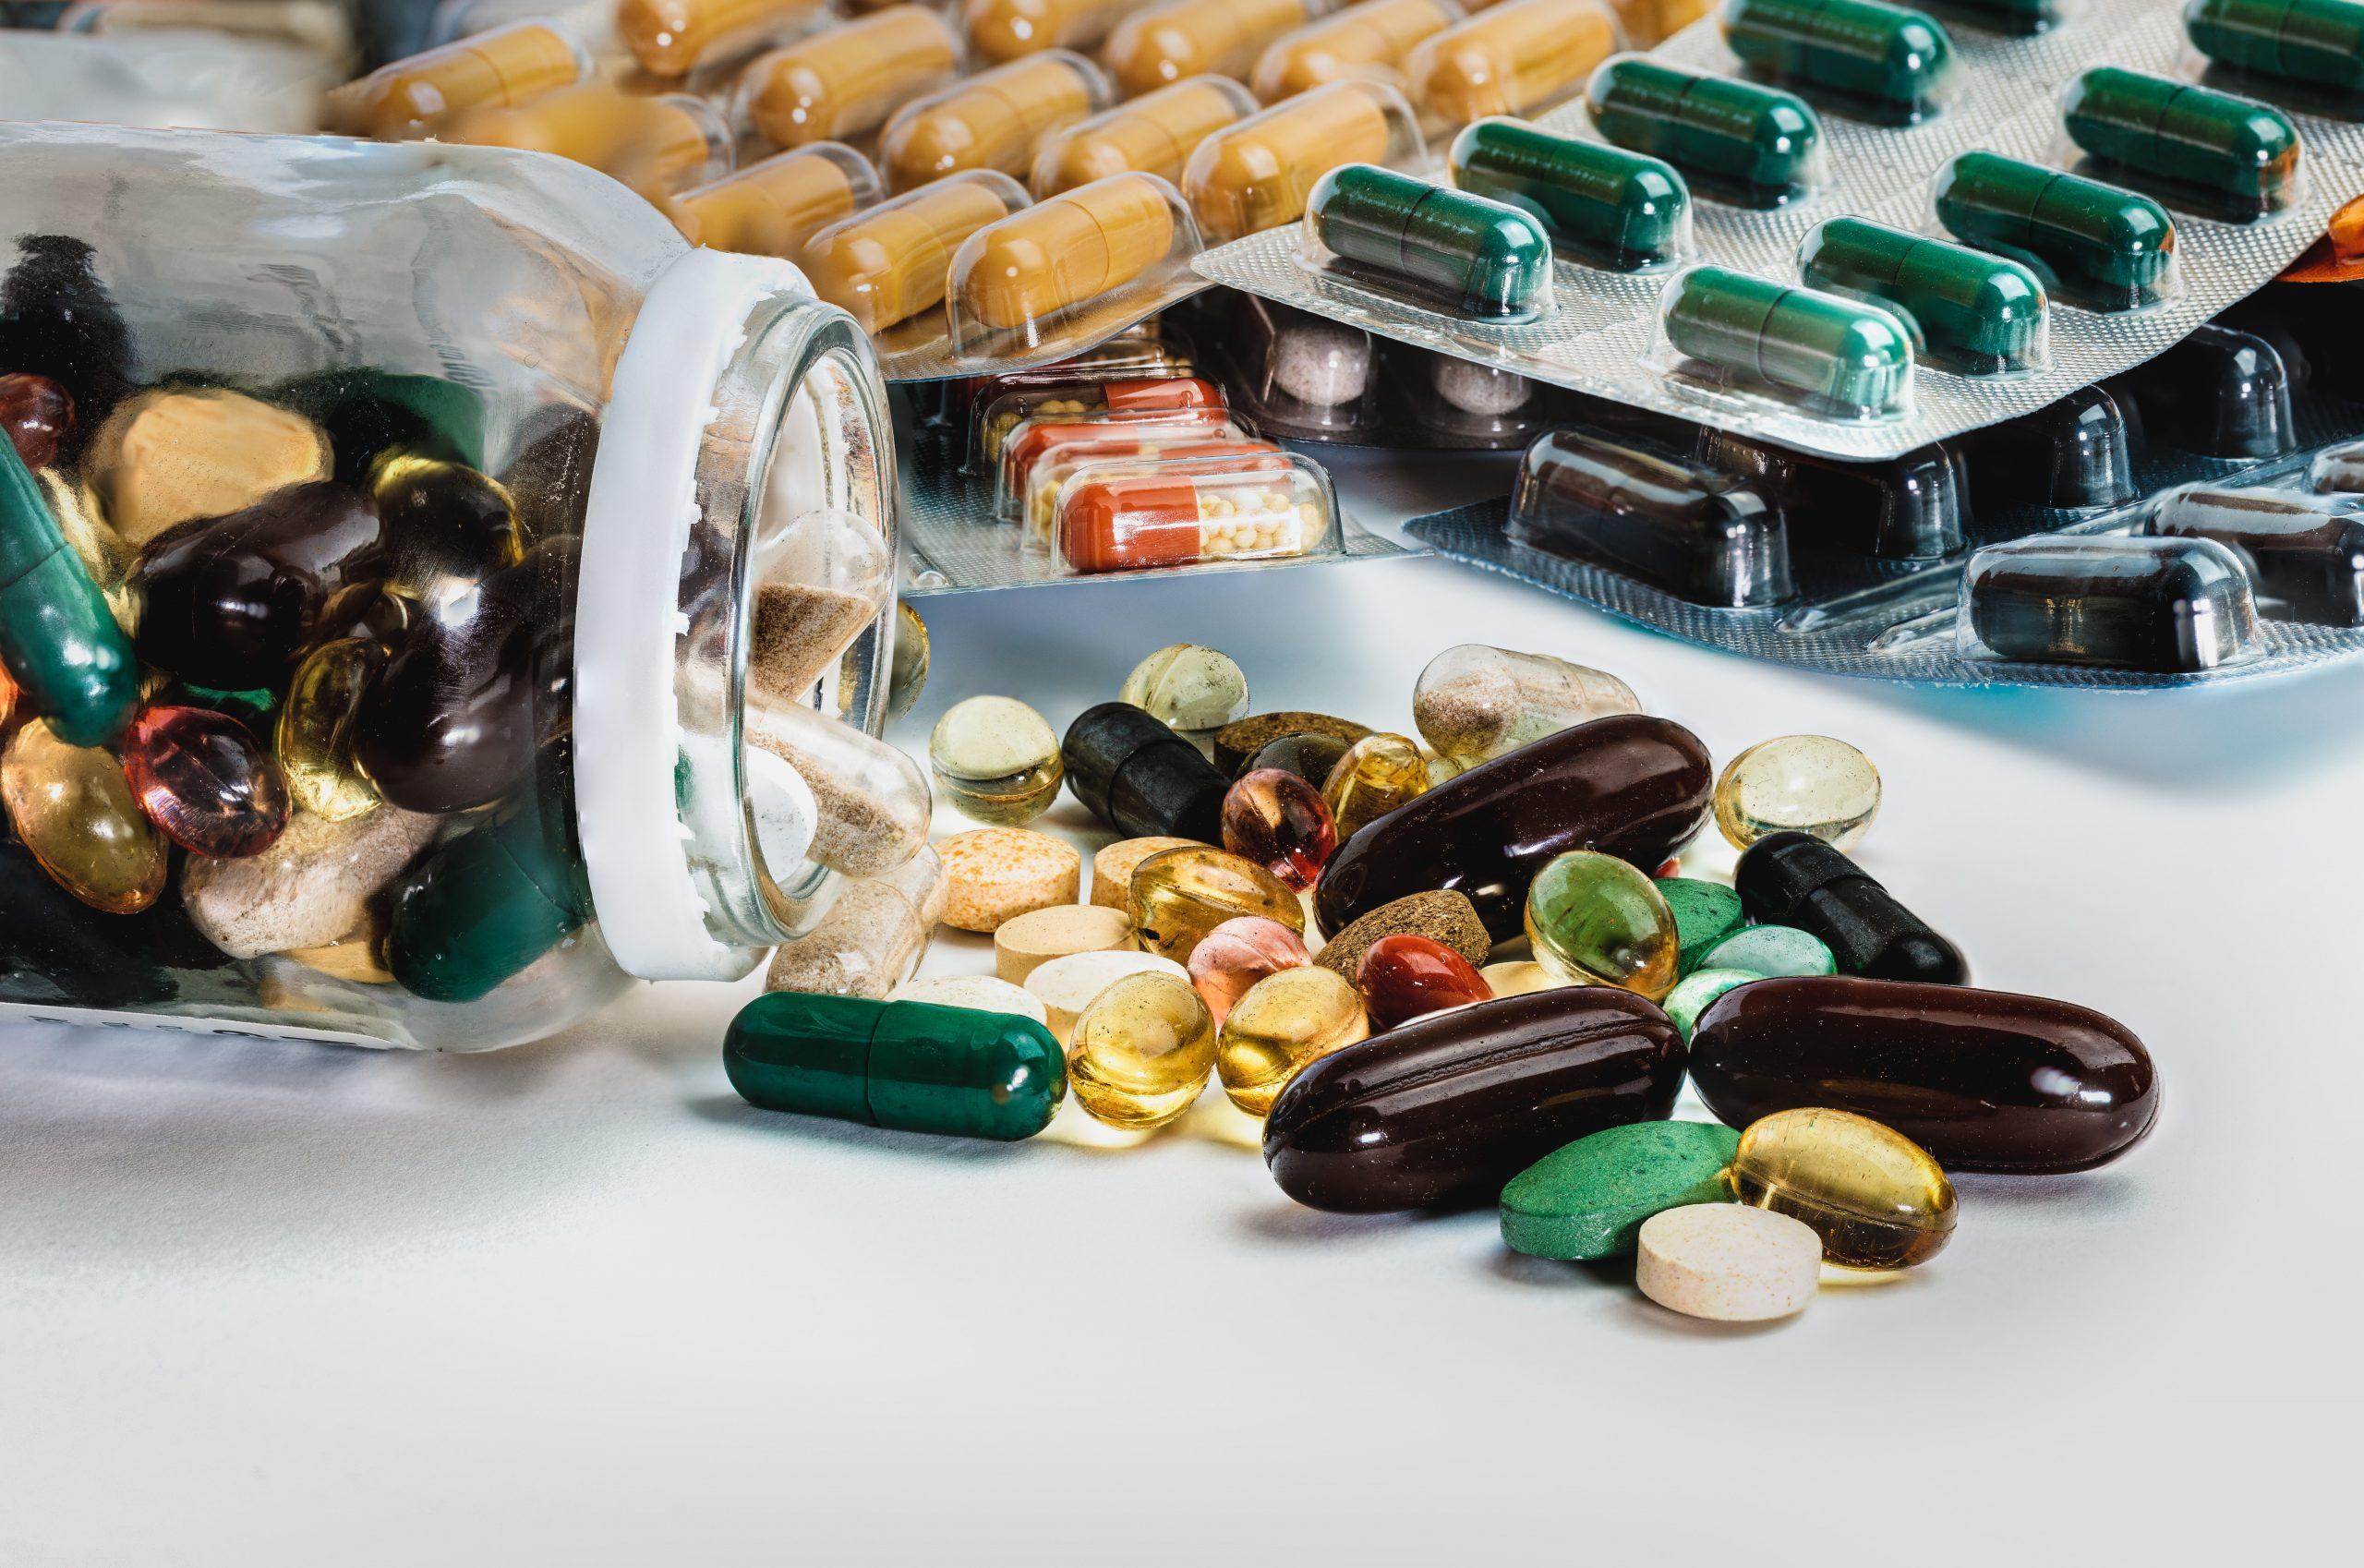 various medicinal pills